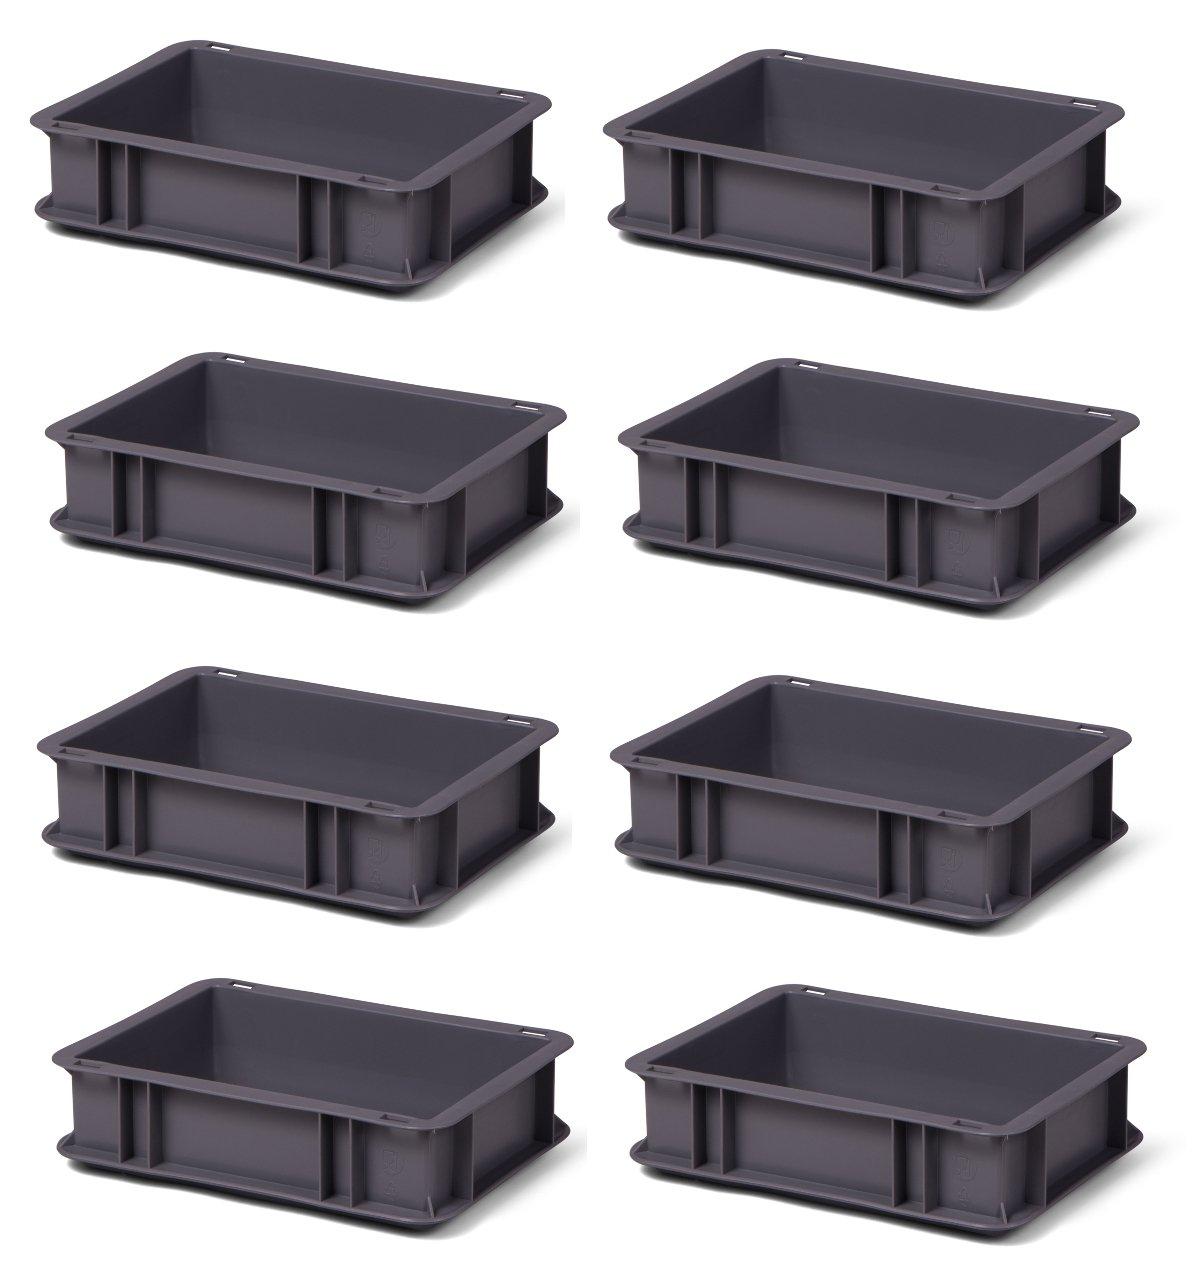 8 Stk. Transport-Stapelkasten TK375-0, grau, 300x200x75 mm (LxBxH), aus PP, Volumen: 3 Liter, Traglast: 25 kg, lebensmittelecht, made in Germany, Industriequalität 1a-Topstore